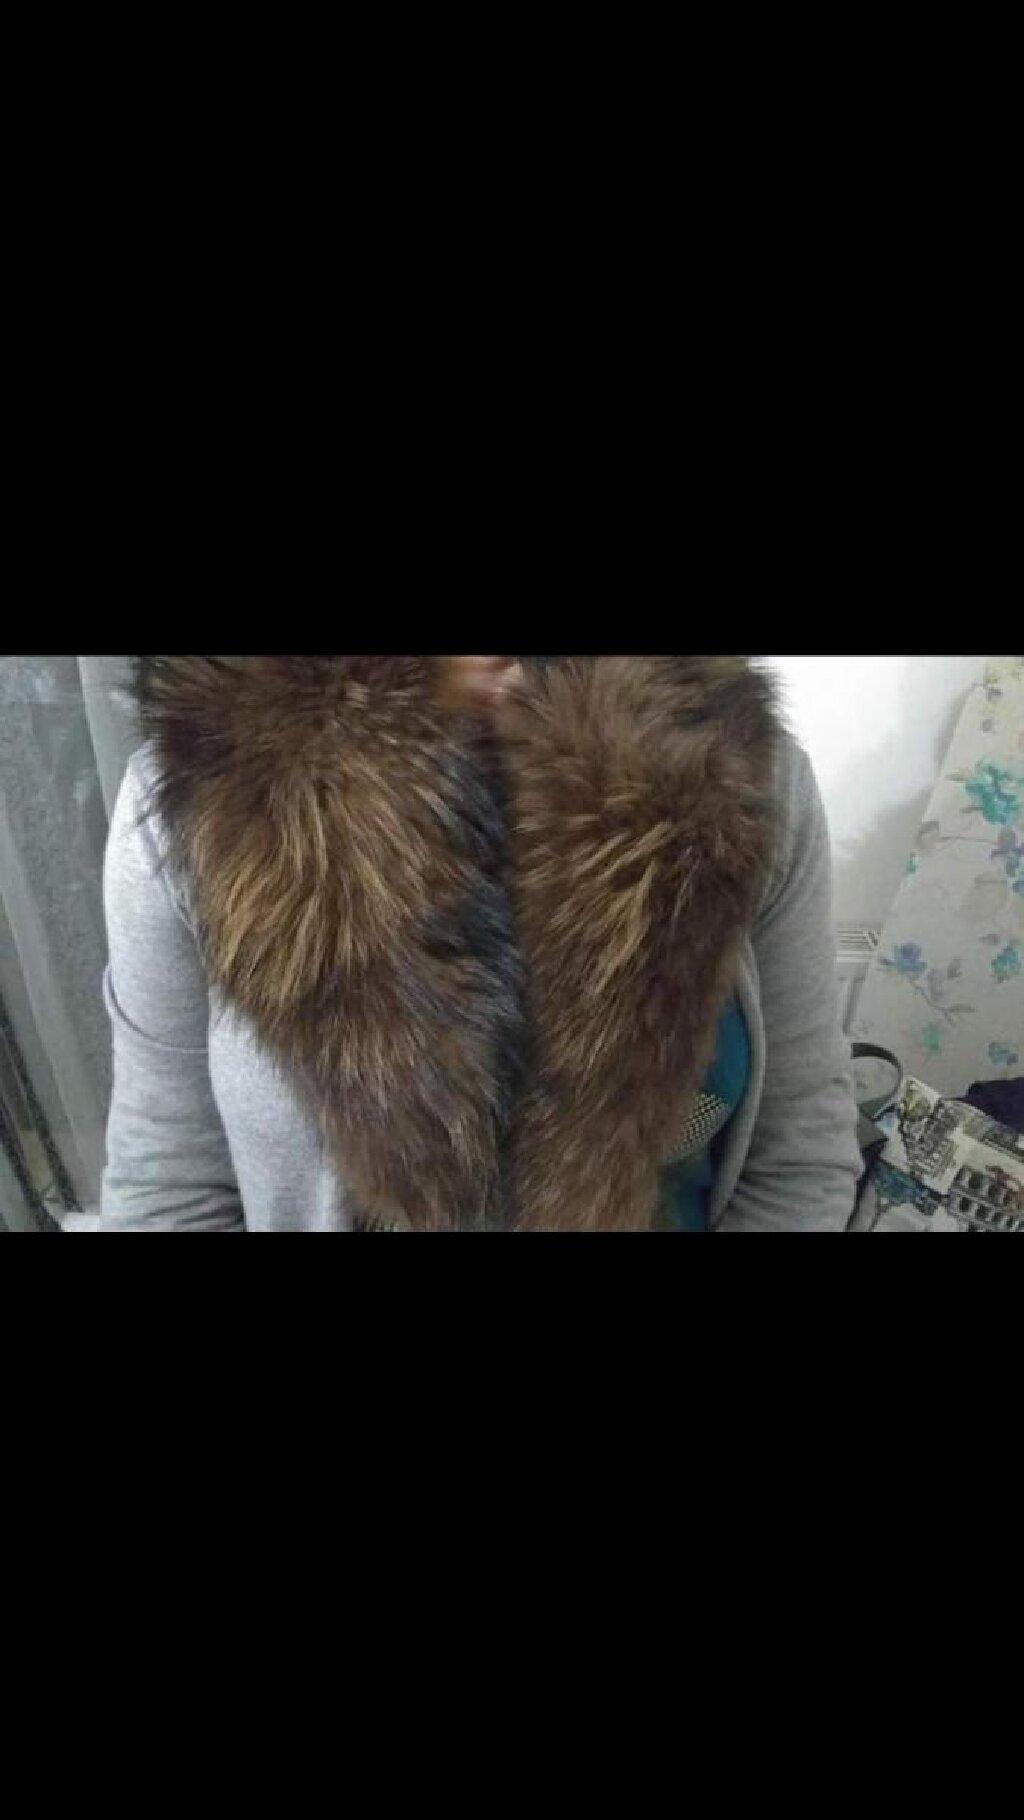 Πωλείται γούνα για παλτό η οποία τυλίγει περιμετρικά τον αυχένα και κουμπώνει μπροστά με κουμπί